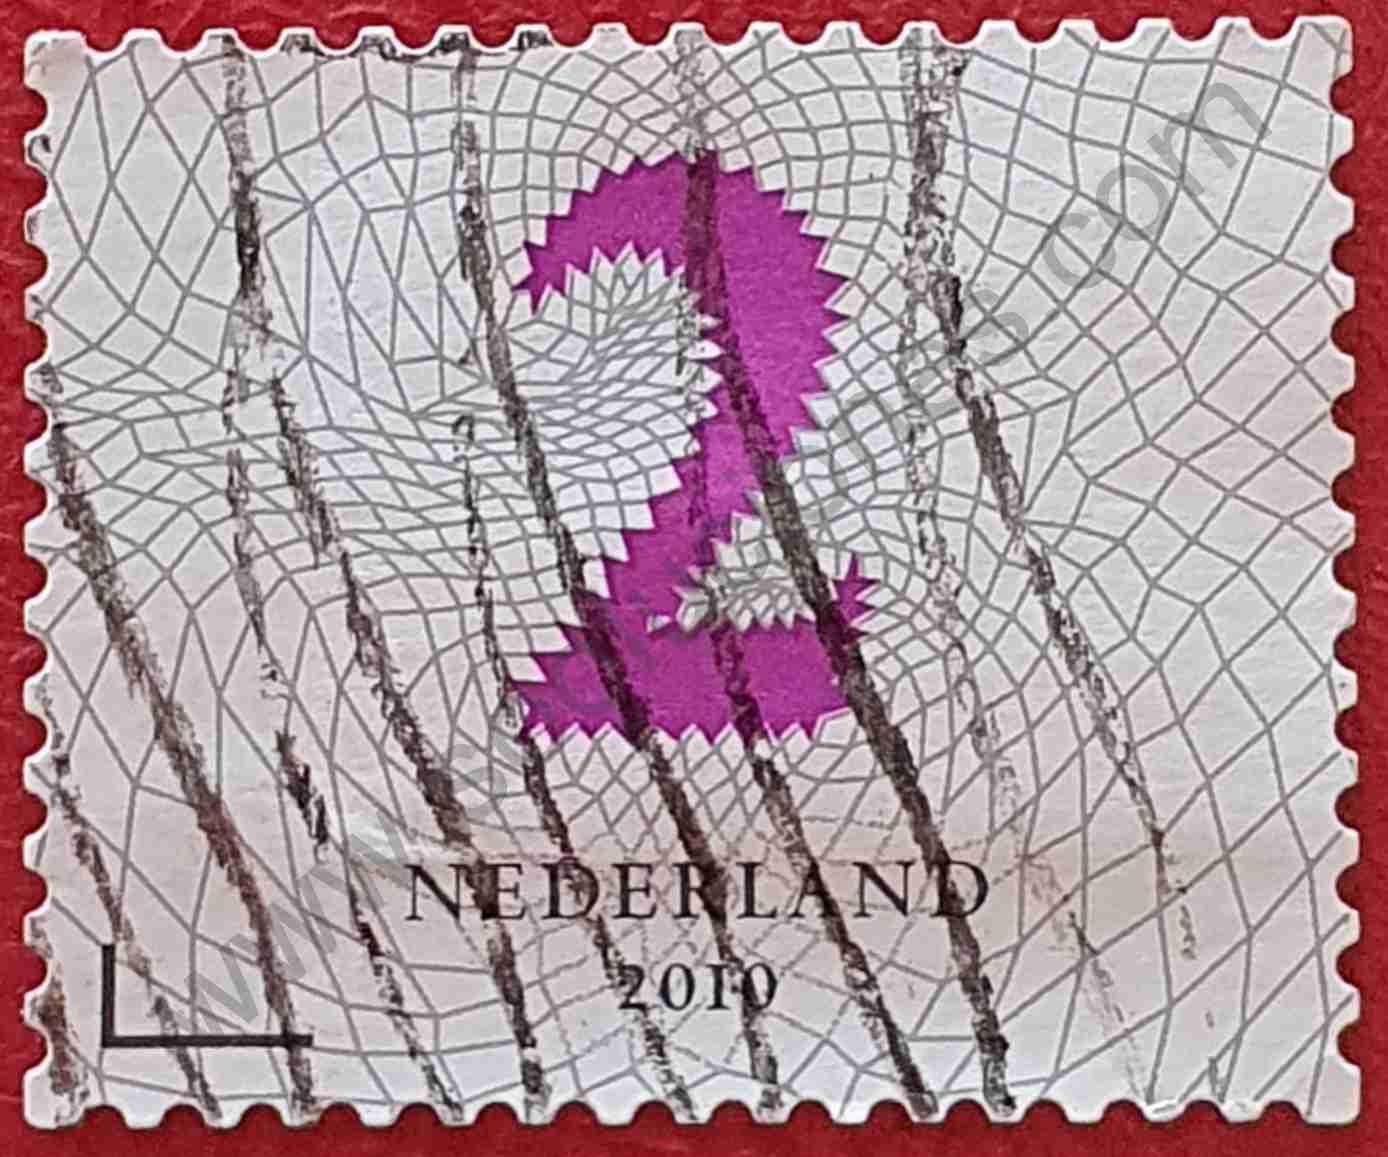 Número 2 - Sello Países Bajos año 2010